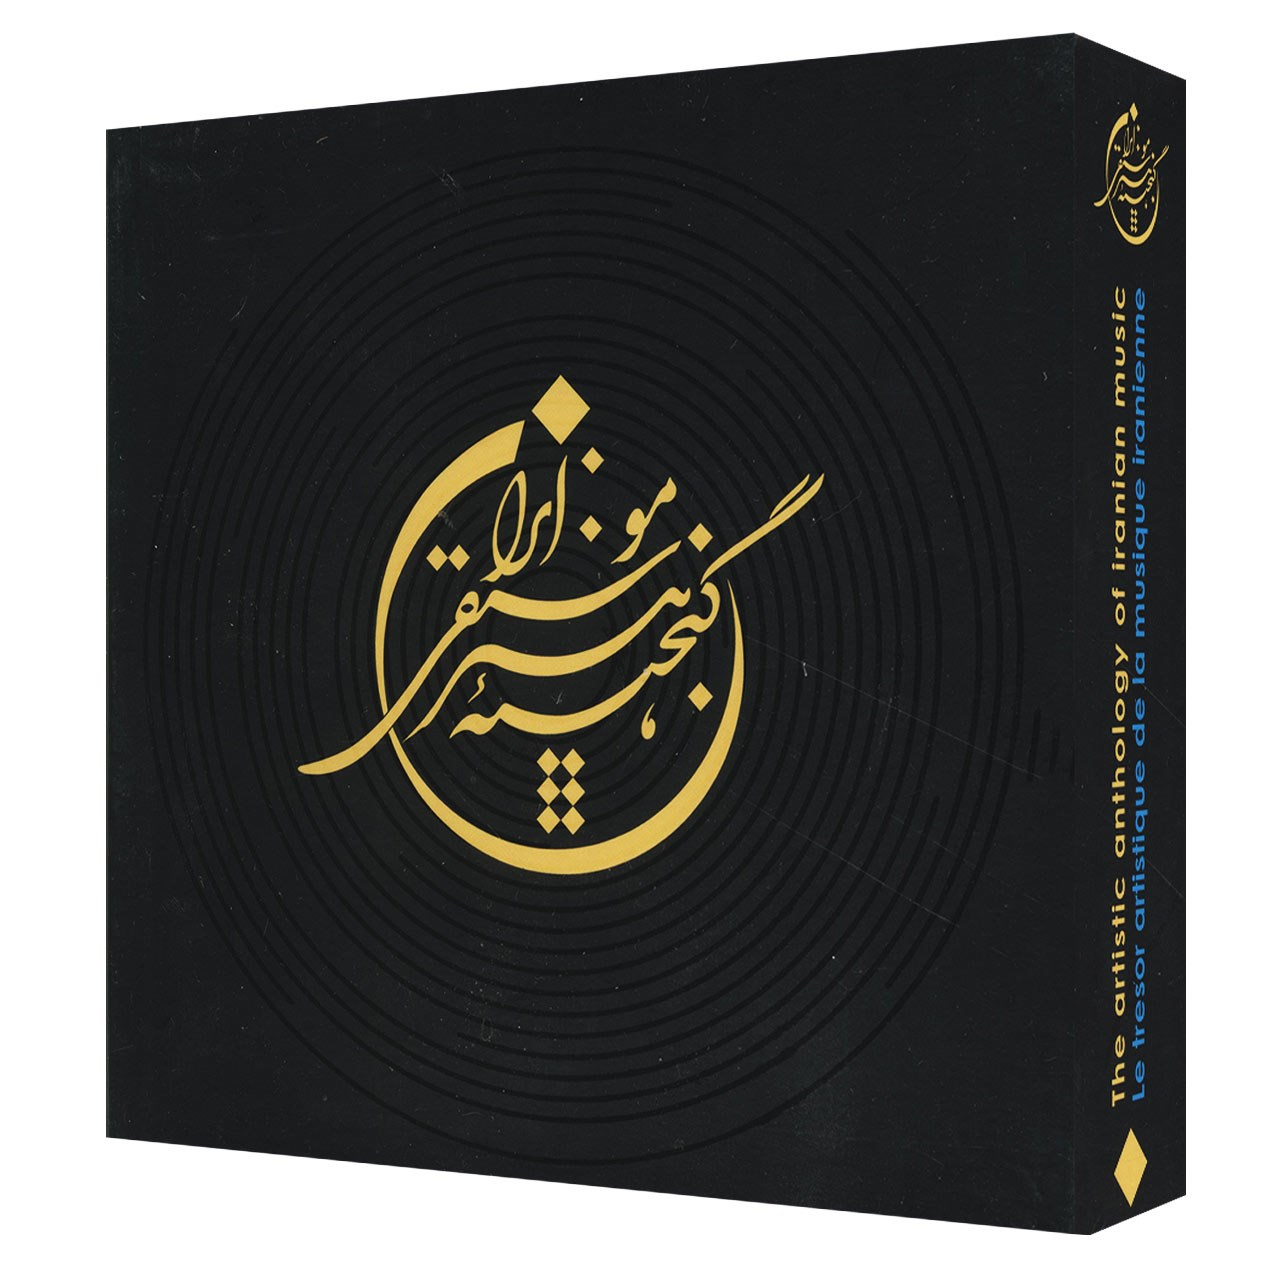 آلبوم موسیقی گنجینه هنر موسیقی ایران مجموعه 12 عددی